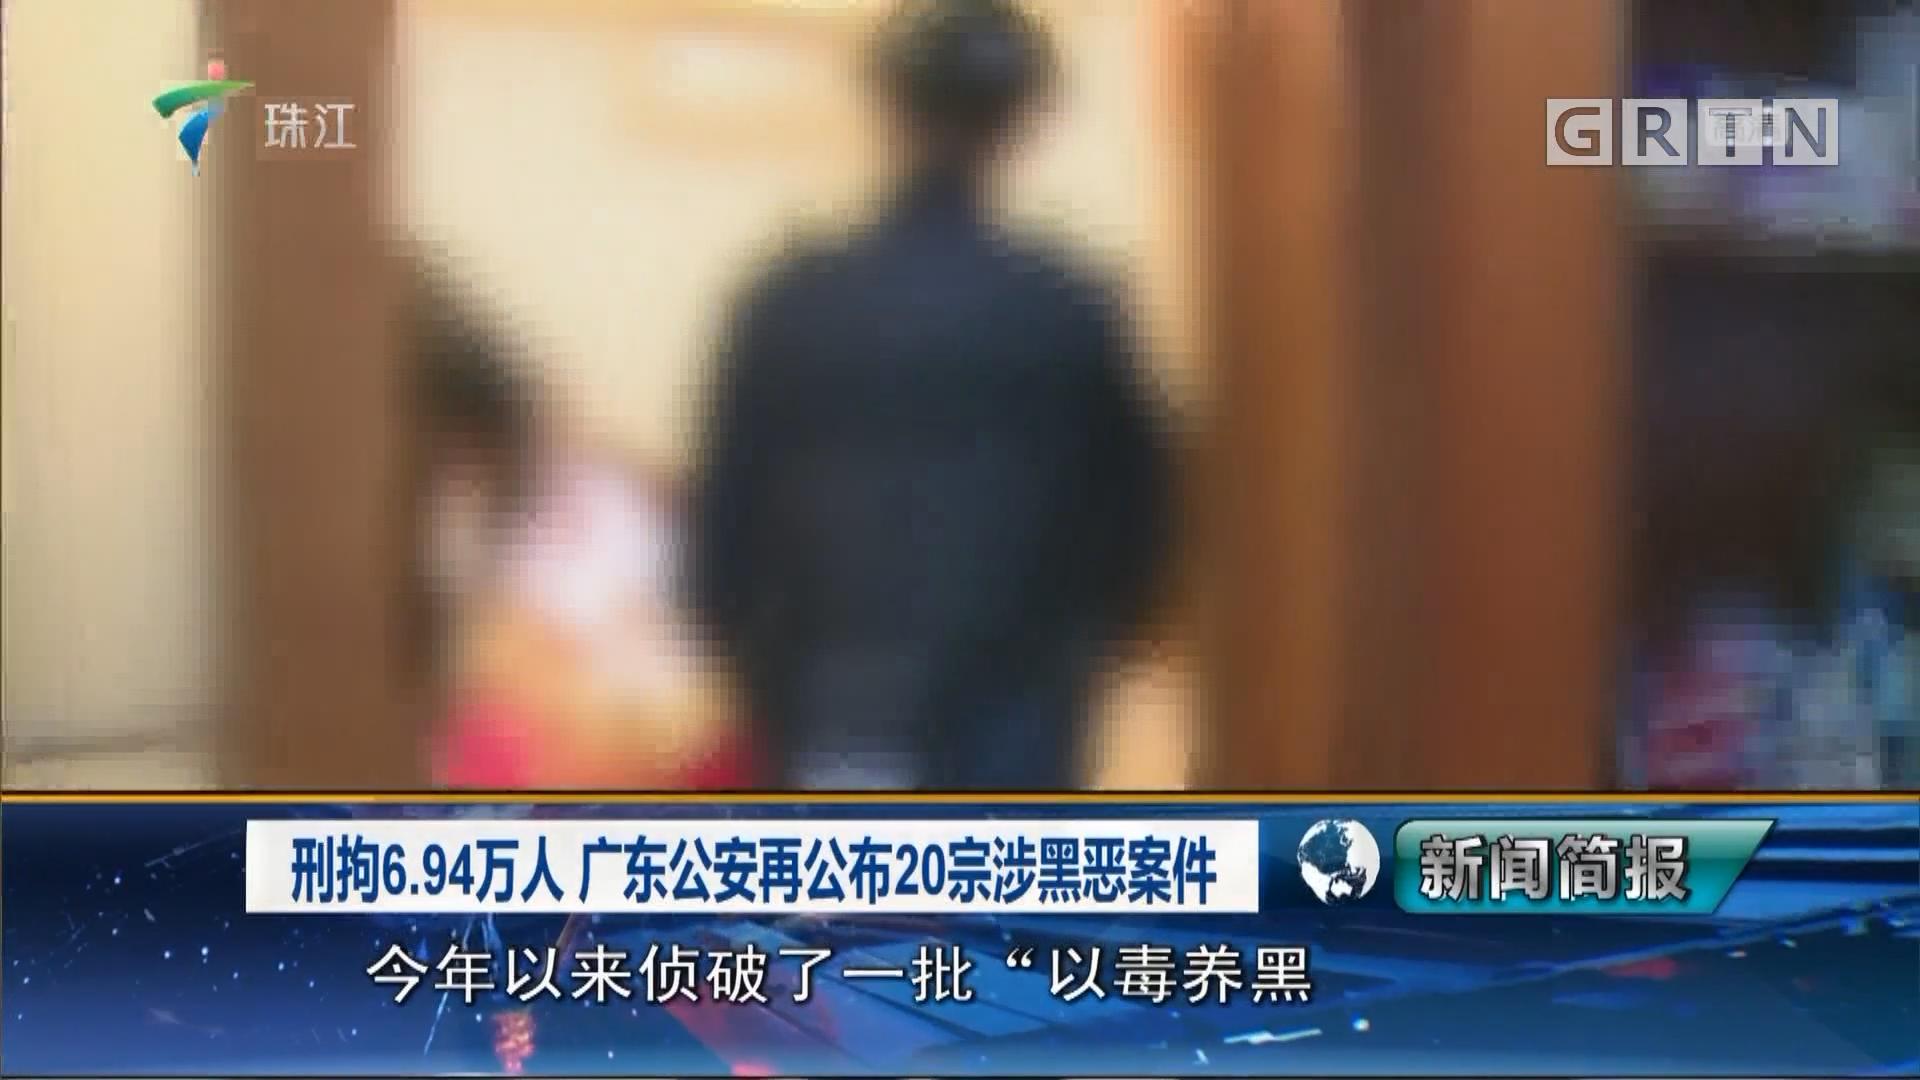 刑拘6.94万人 广东公安再公布20宗涉黑恶案件